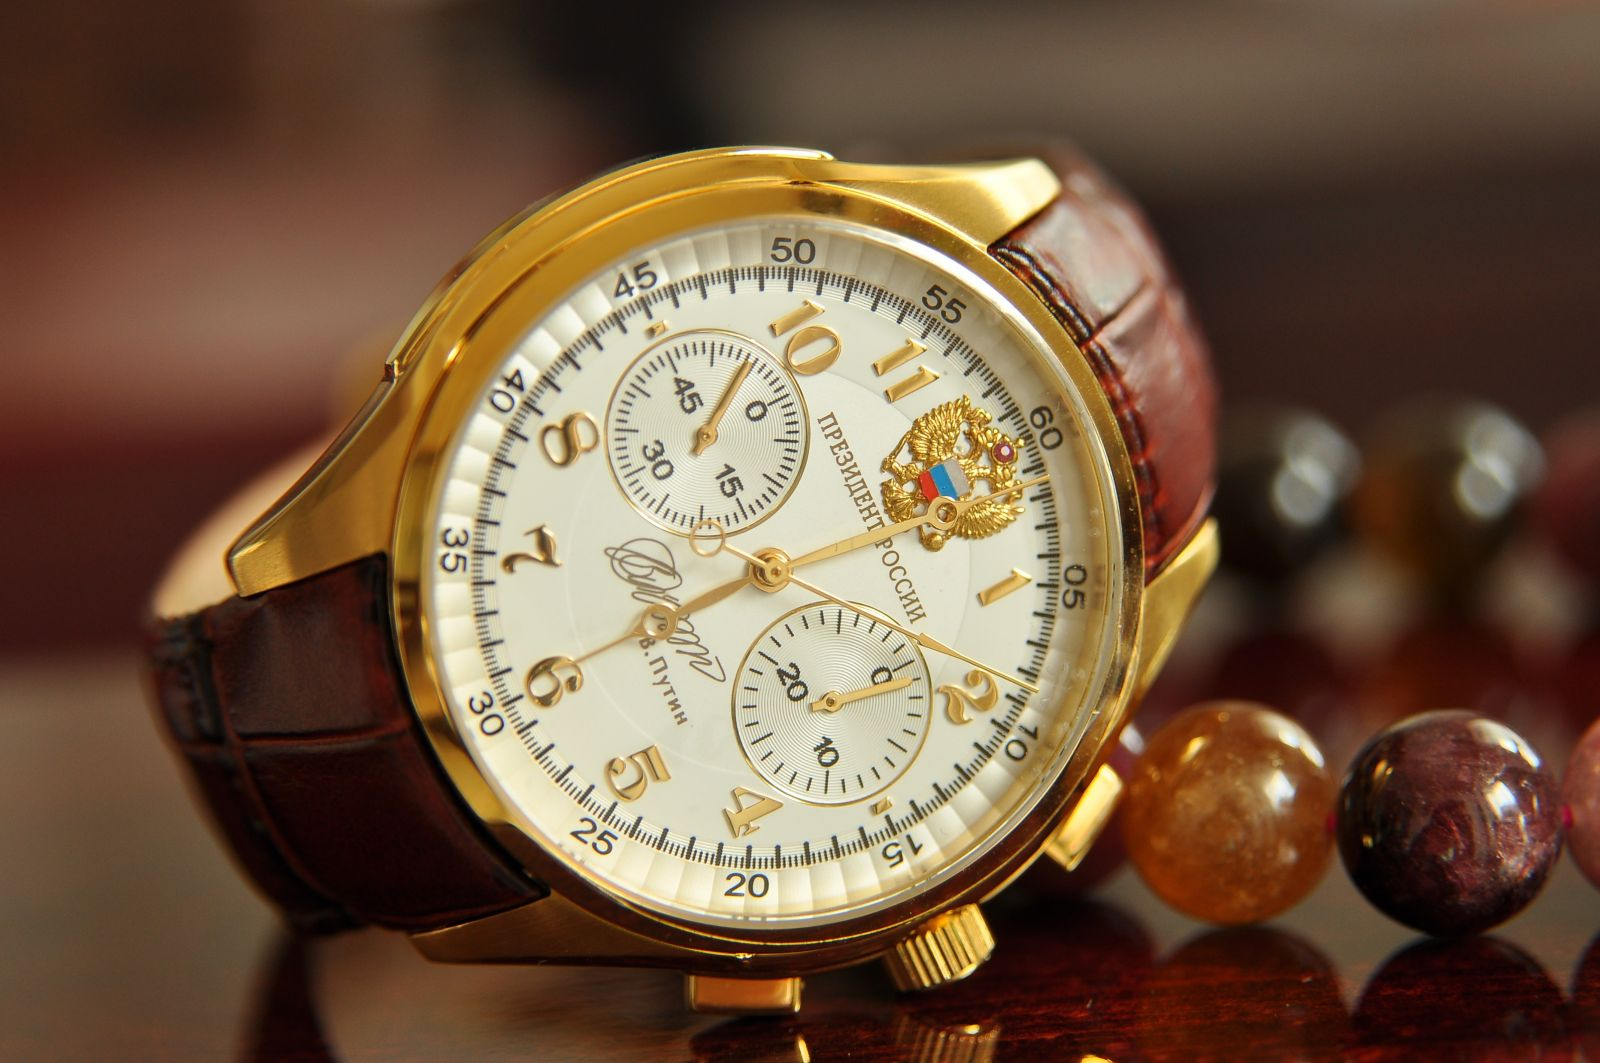 dong-ho-poljot-chronograph